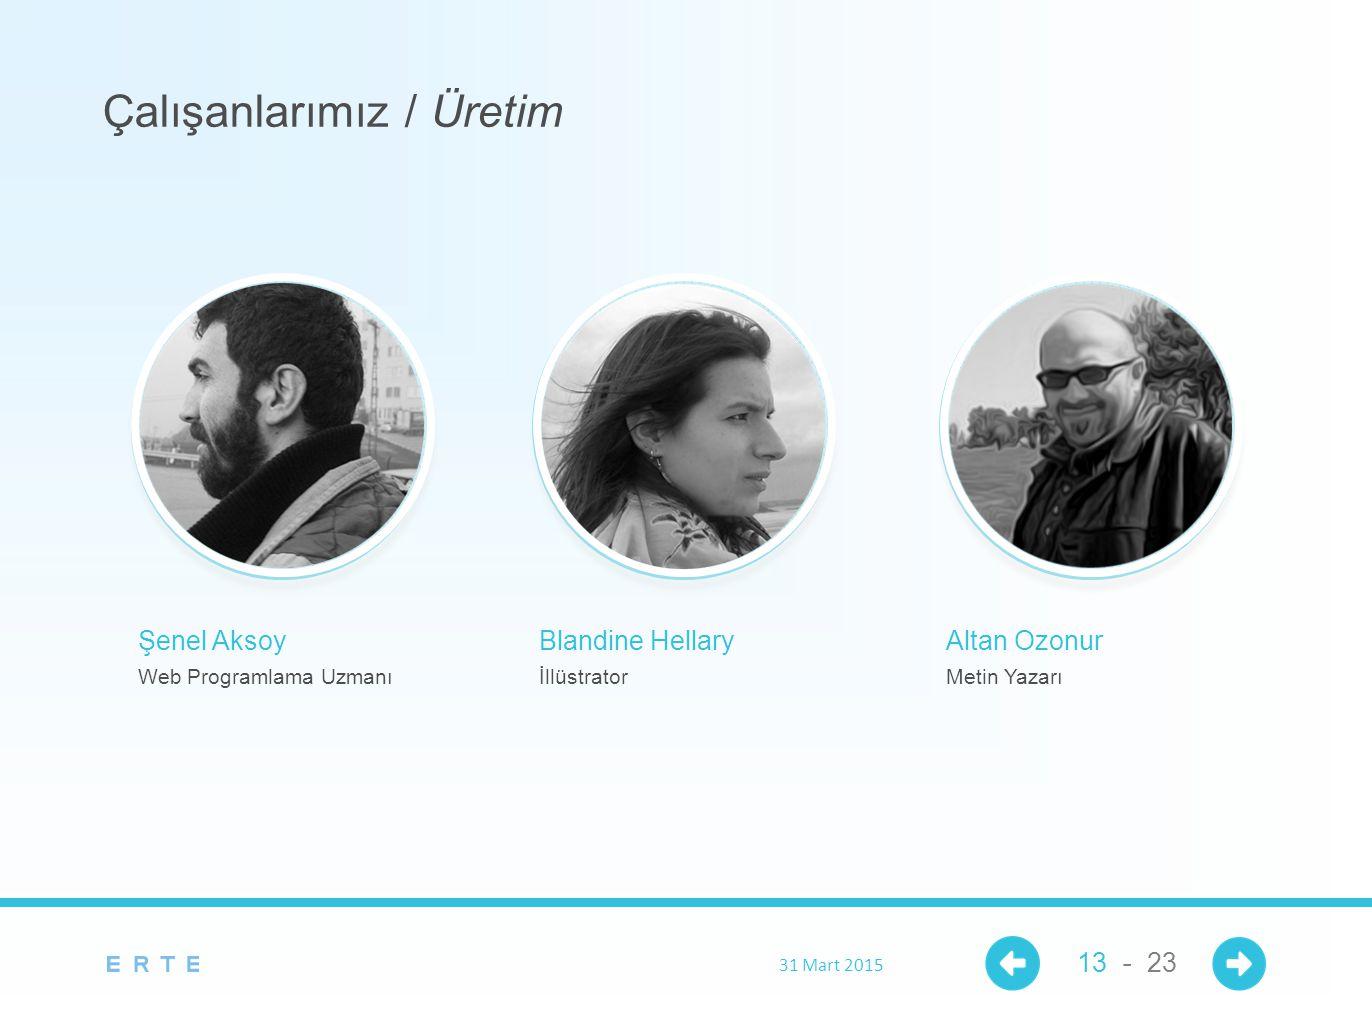 Şenel Aksoy Web Programlama Uzmanı Çalışanlarımız / Üretim 31 Mart 2015 13 - 23 Blandine Hellary İllüstrator Altan Ozonur Metin Yazarı